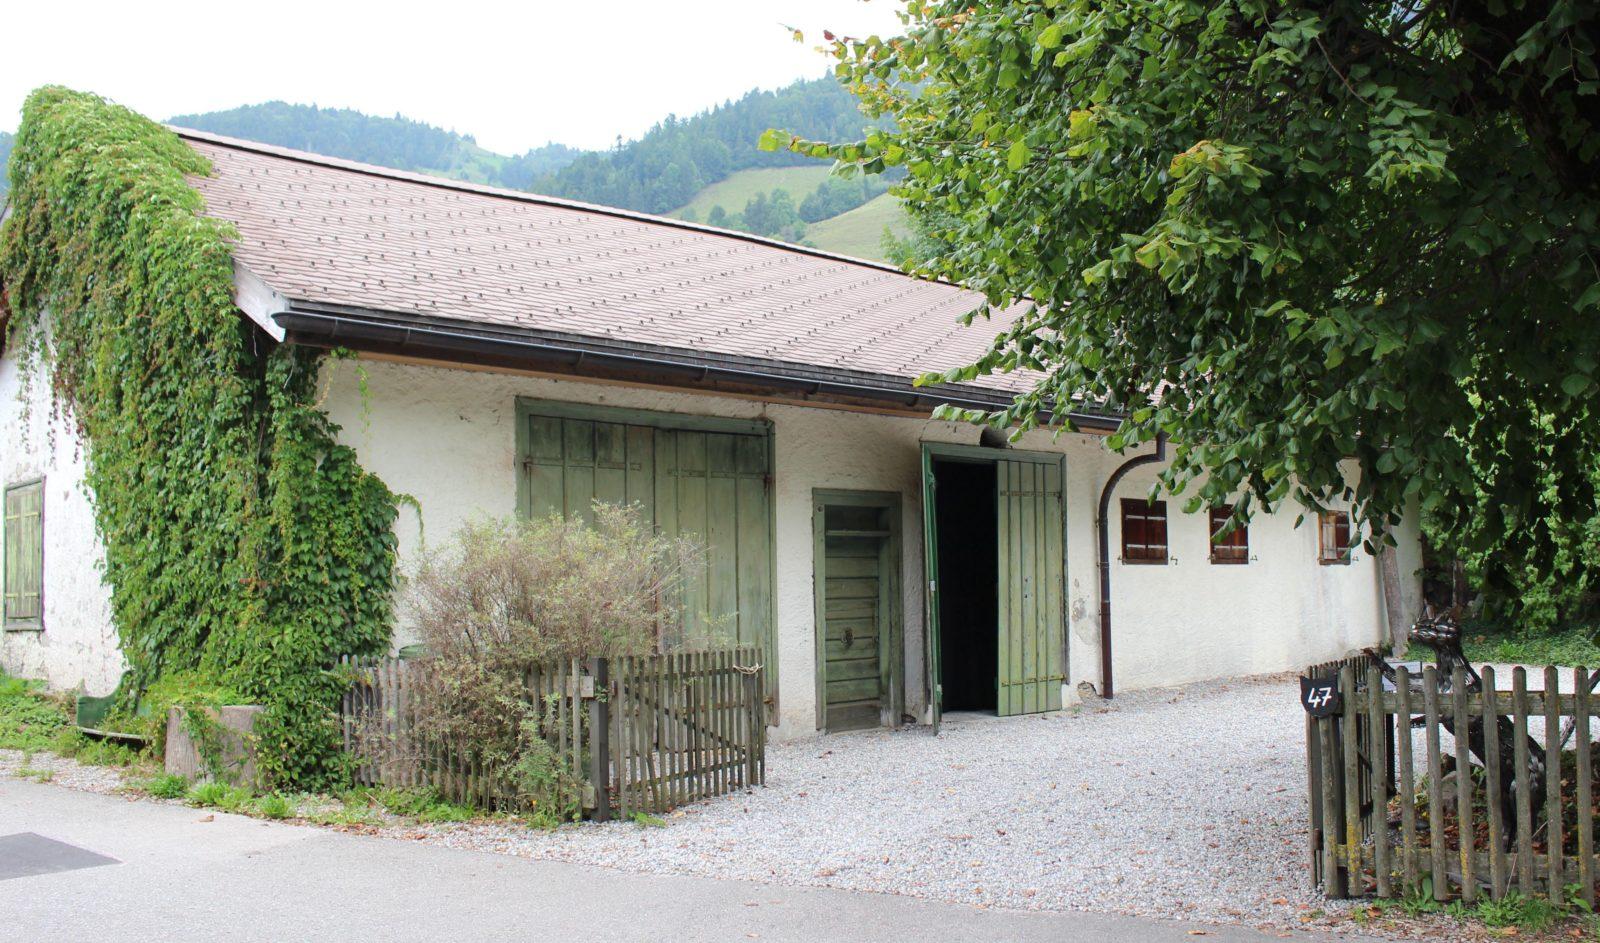 Vue extérieure de l'atelier de Balthus Rossinière